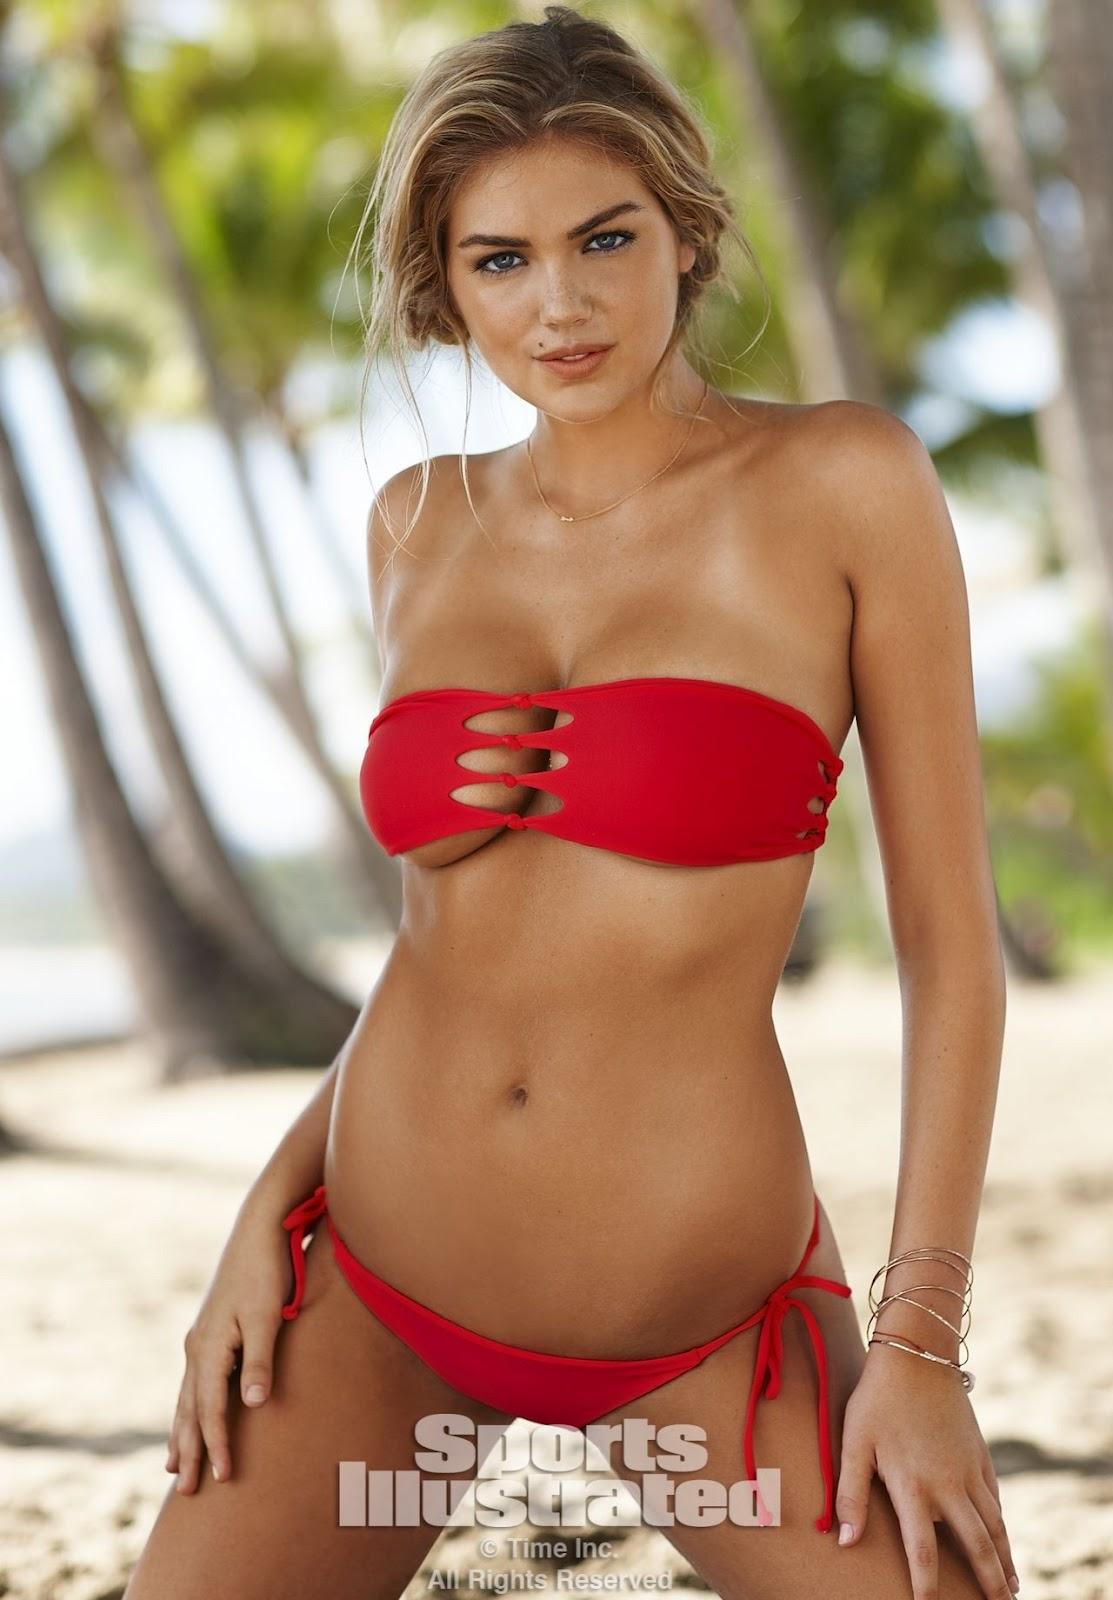 http://2.bp.blogspot.com/-B3QkUXhF6sI/T1tq57-0U3I/AAAAAAAAJDc/BbDRV7YSlBg/s1600/Kate+Upton+%E2%80%93+2012+Sports+Illustrated+Swimsuit+Edition2.jpg